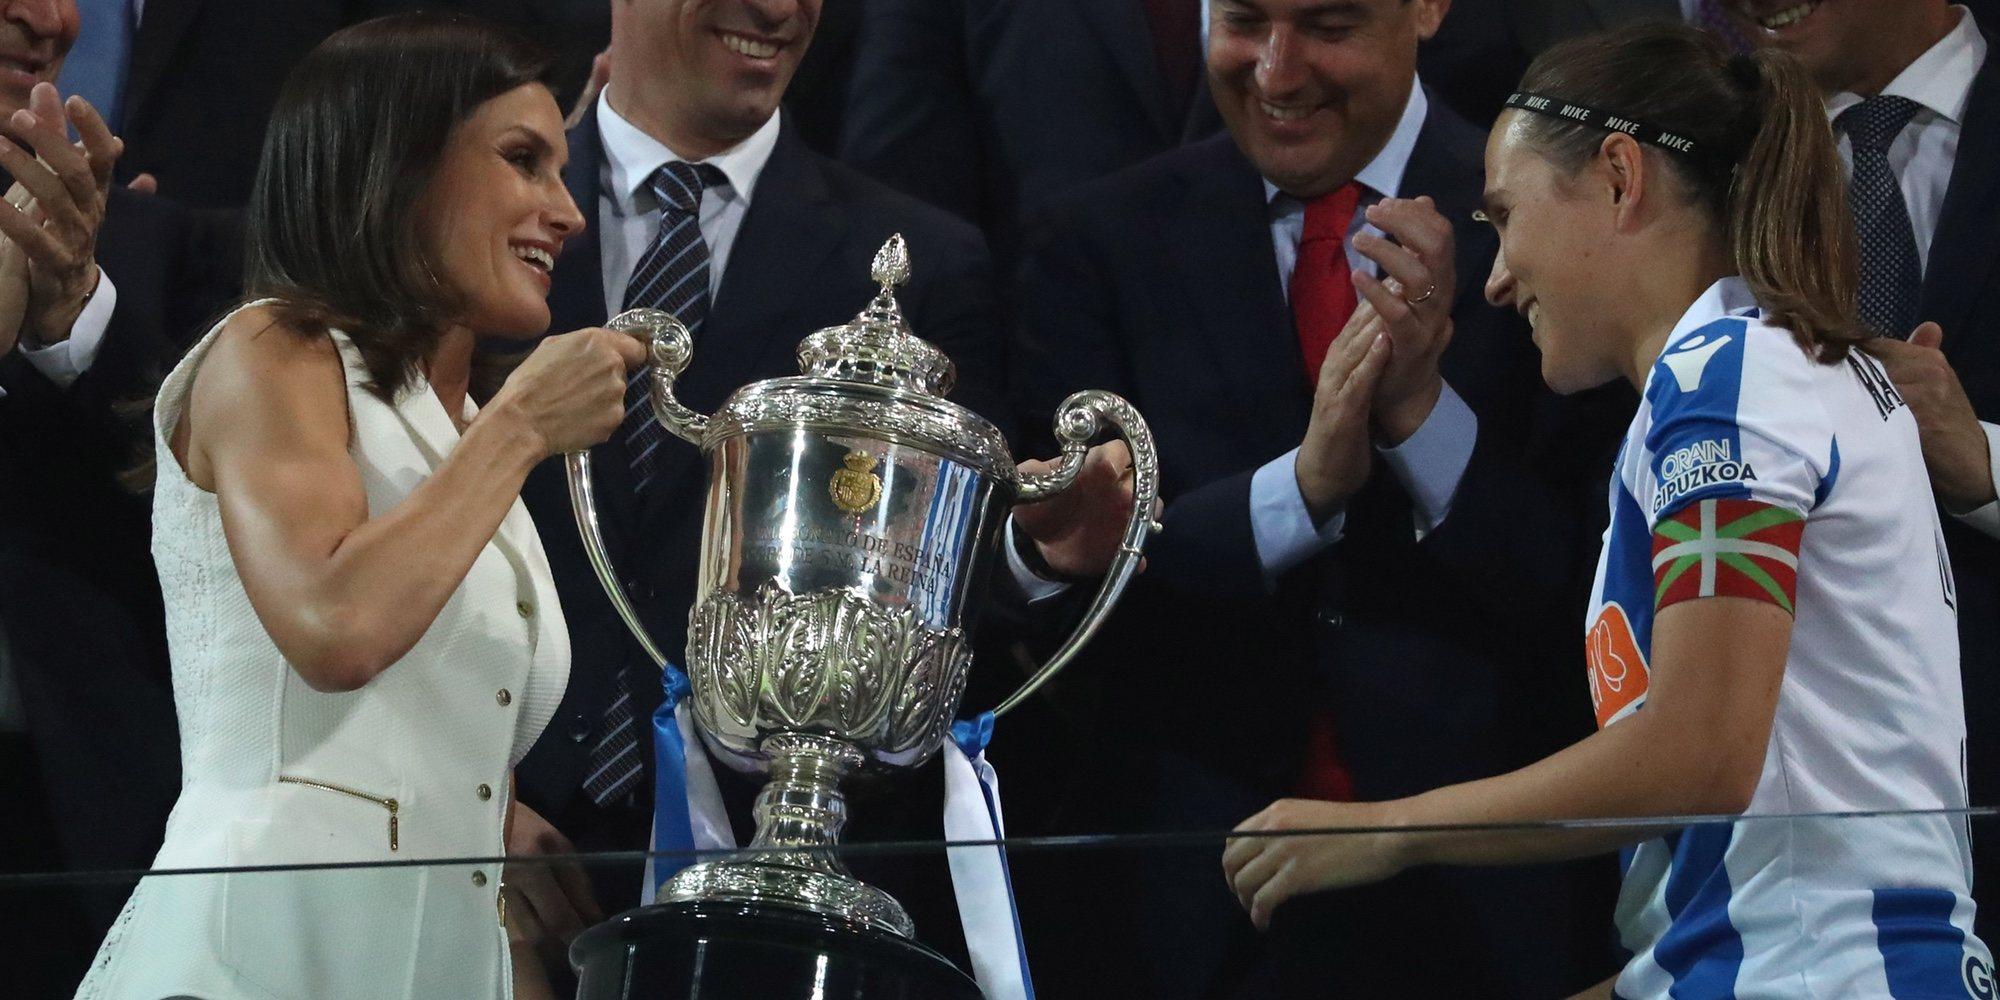 El alegato feminista de la Reina Letizia al hacer historia entregando la Copa de la Reina 2019